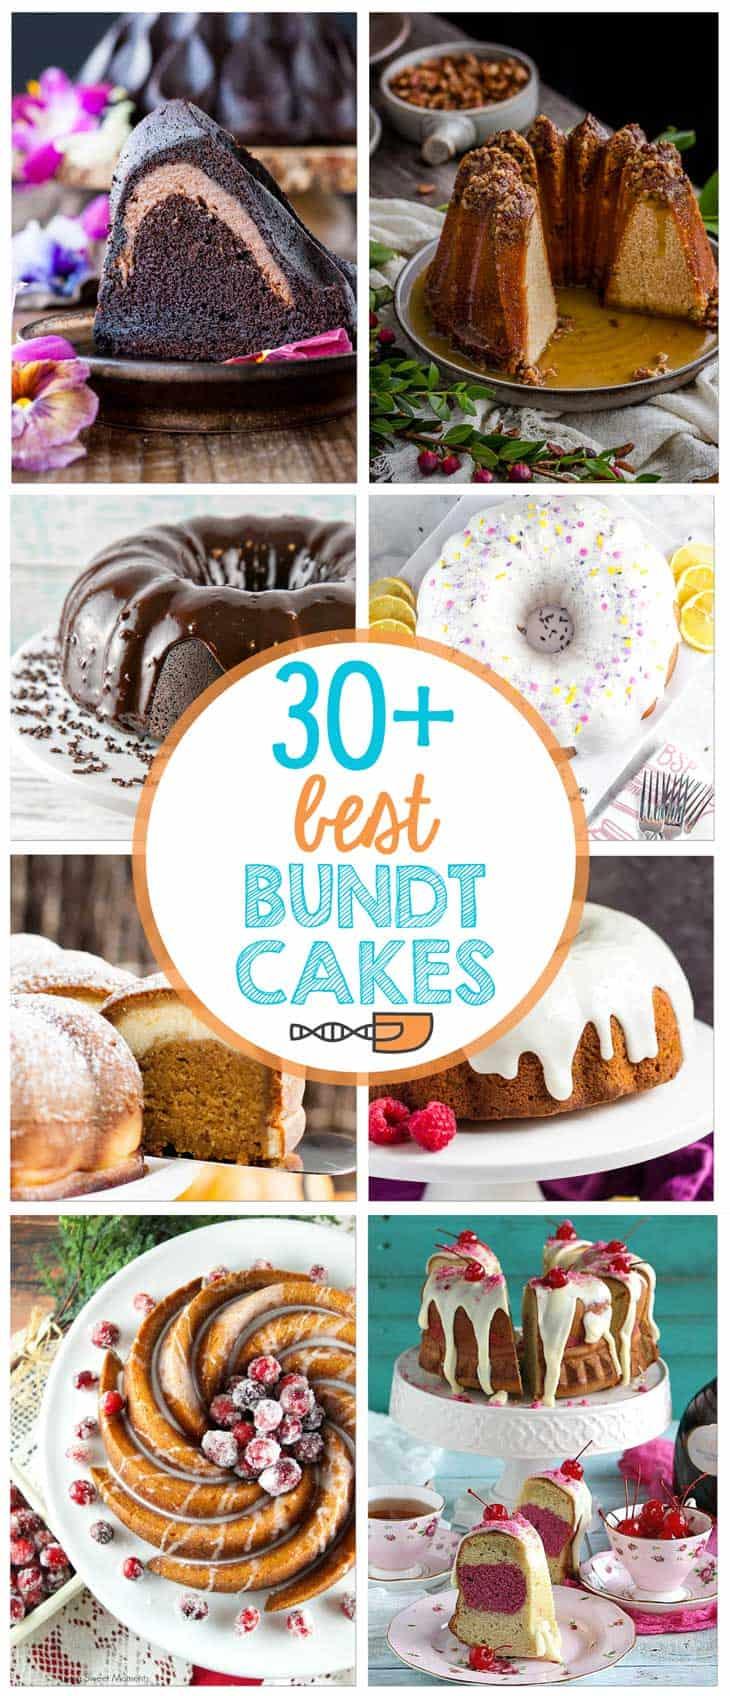 30 best bundt cakes bundt cake tips | Bunsen Burner Bakery